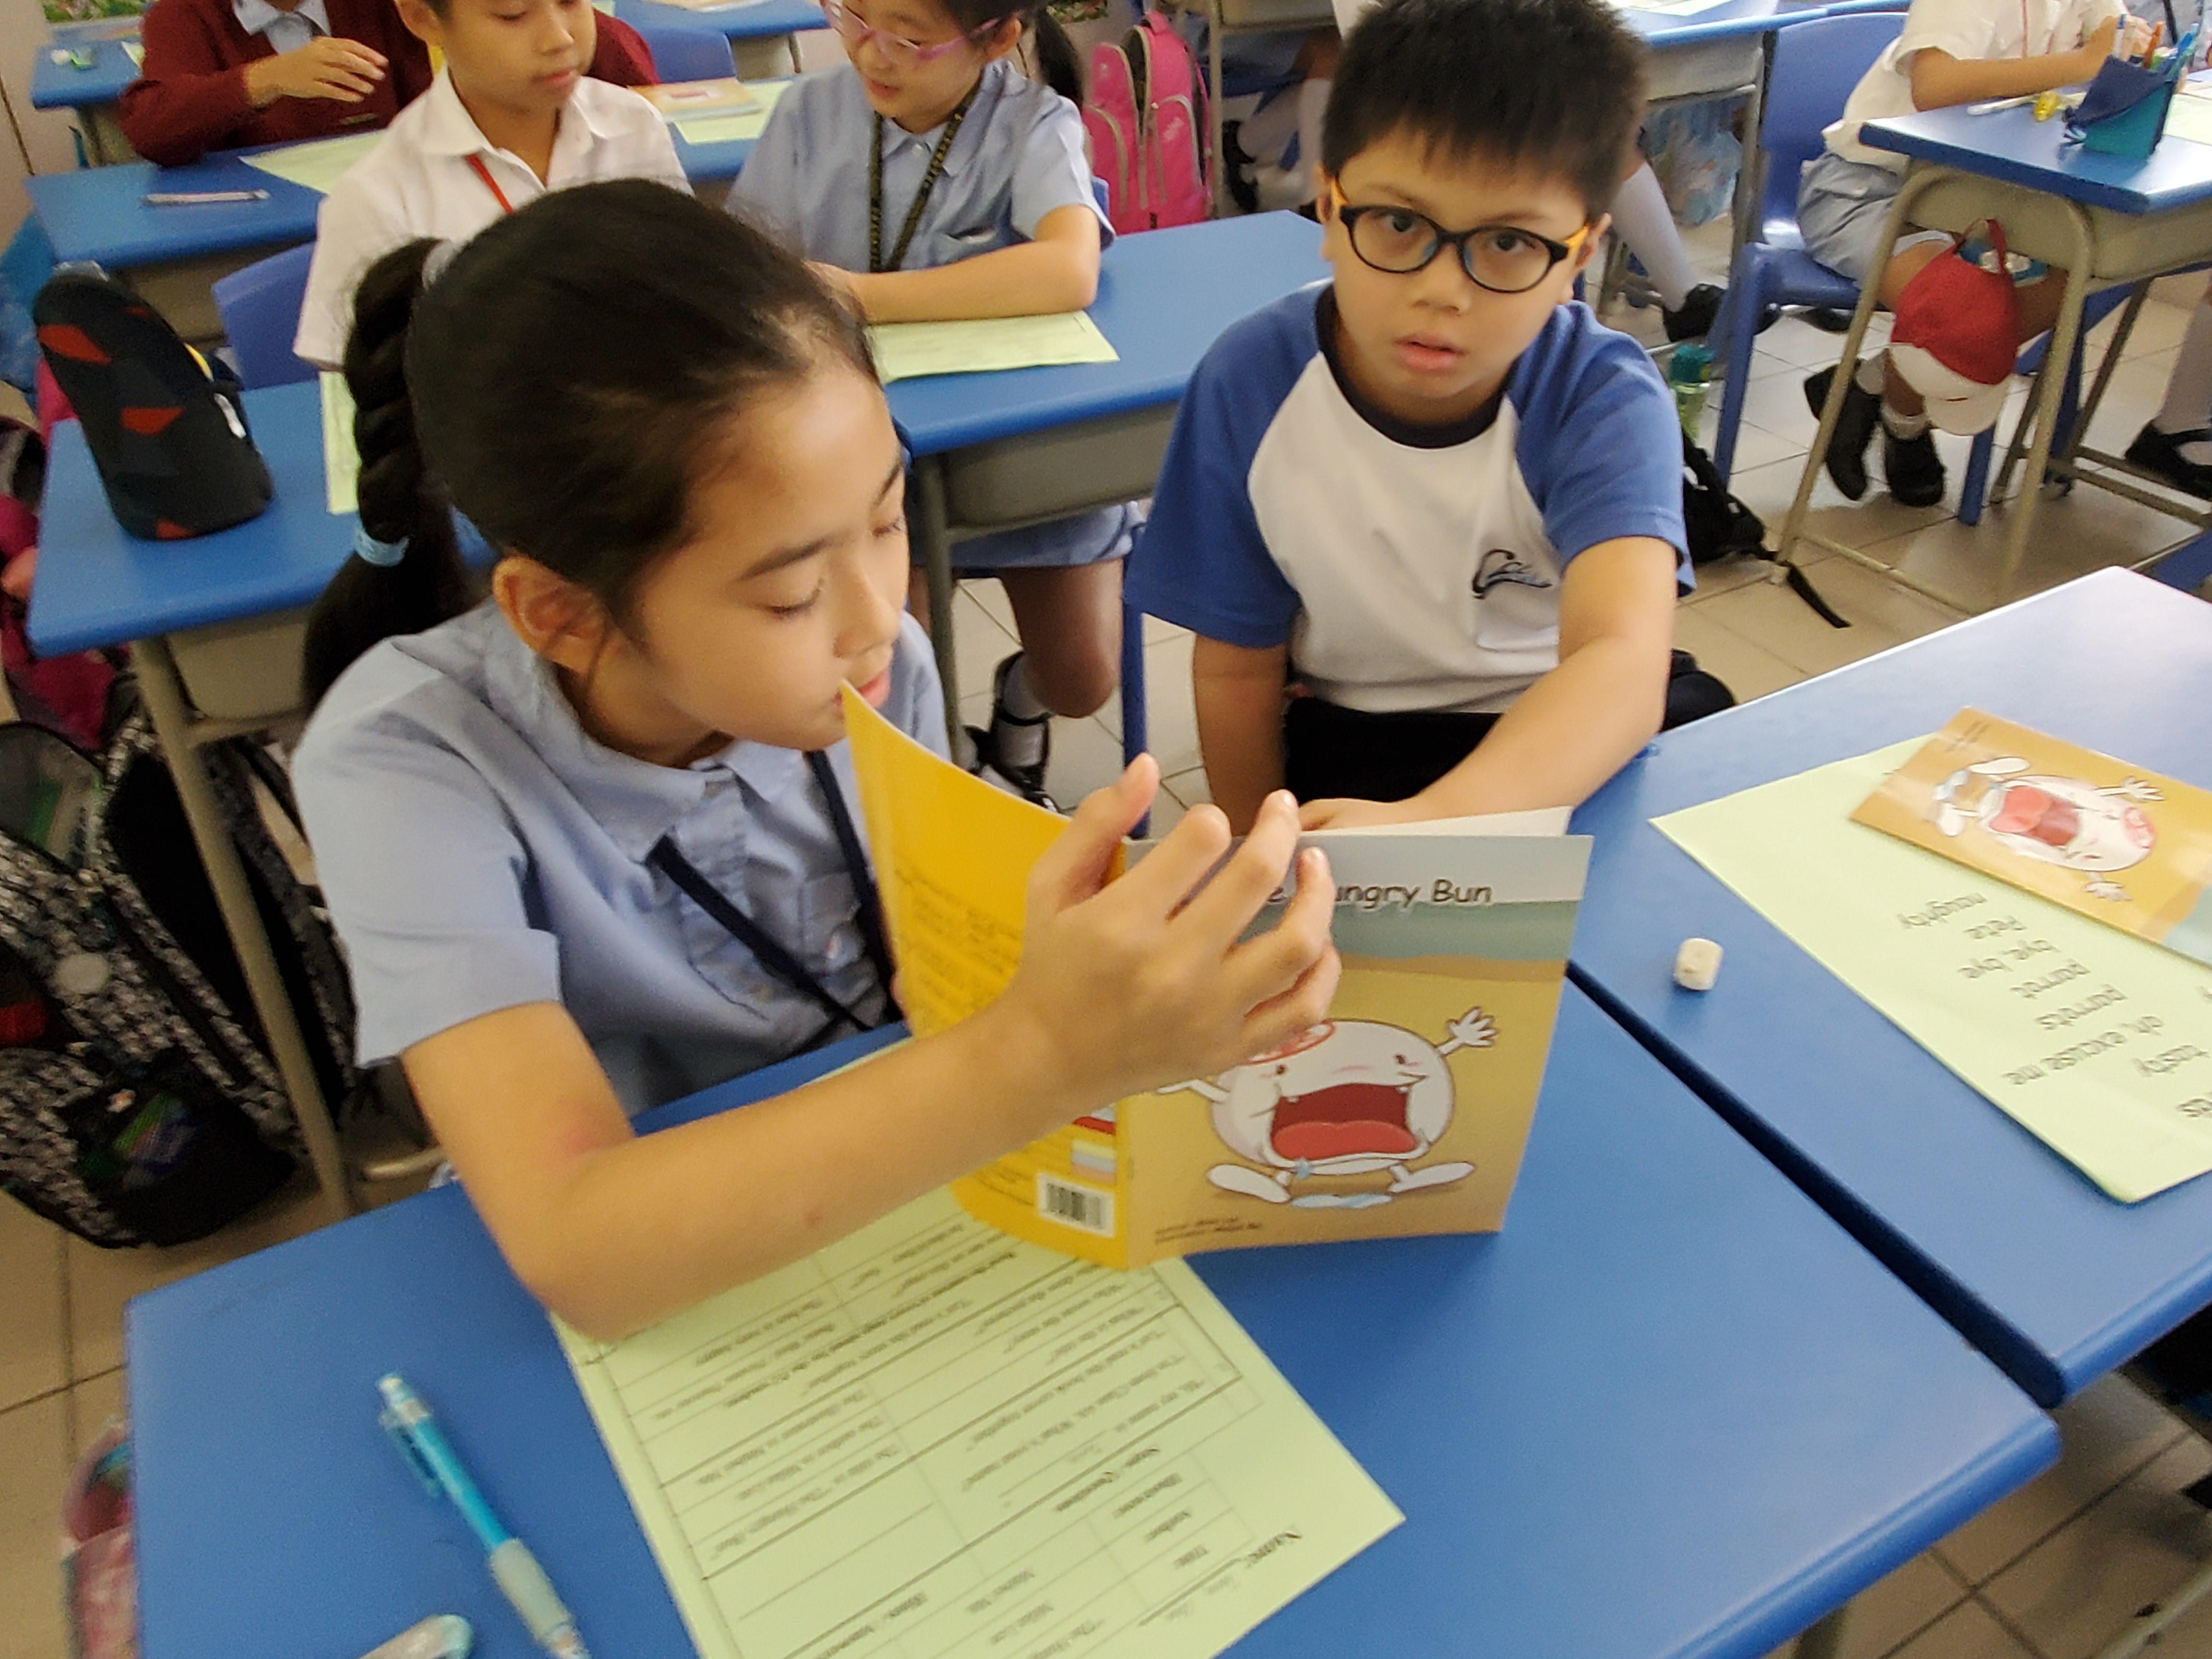 http://www.keiwan.edu.hk/sites/default/files/9_2.jpg